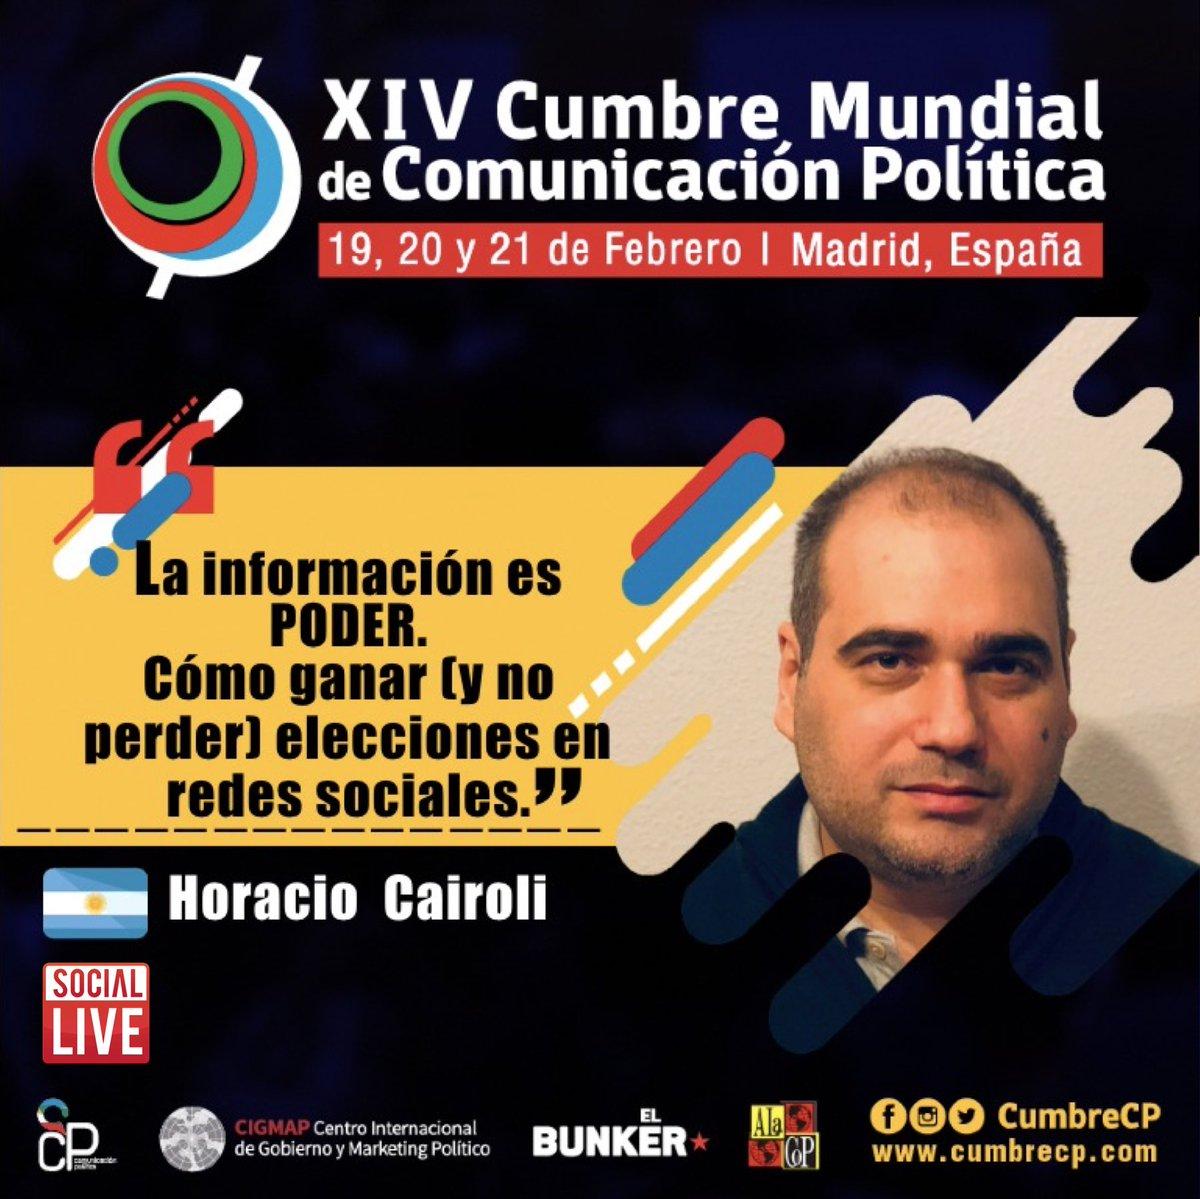 Horacio Cairoli, Co-Fundador de SocialLive, estará compartiendo nuestra experiencia en el monitoreo de redes sociales en campañas políticas y gestión de gobierno. Cumbre Mundial de Comunicación Política Madrid. #cumbrecp https://t.co/y9PK6FUfXy